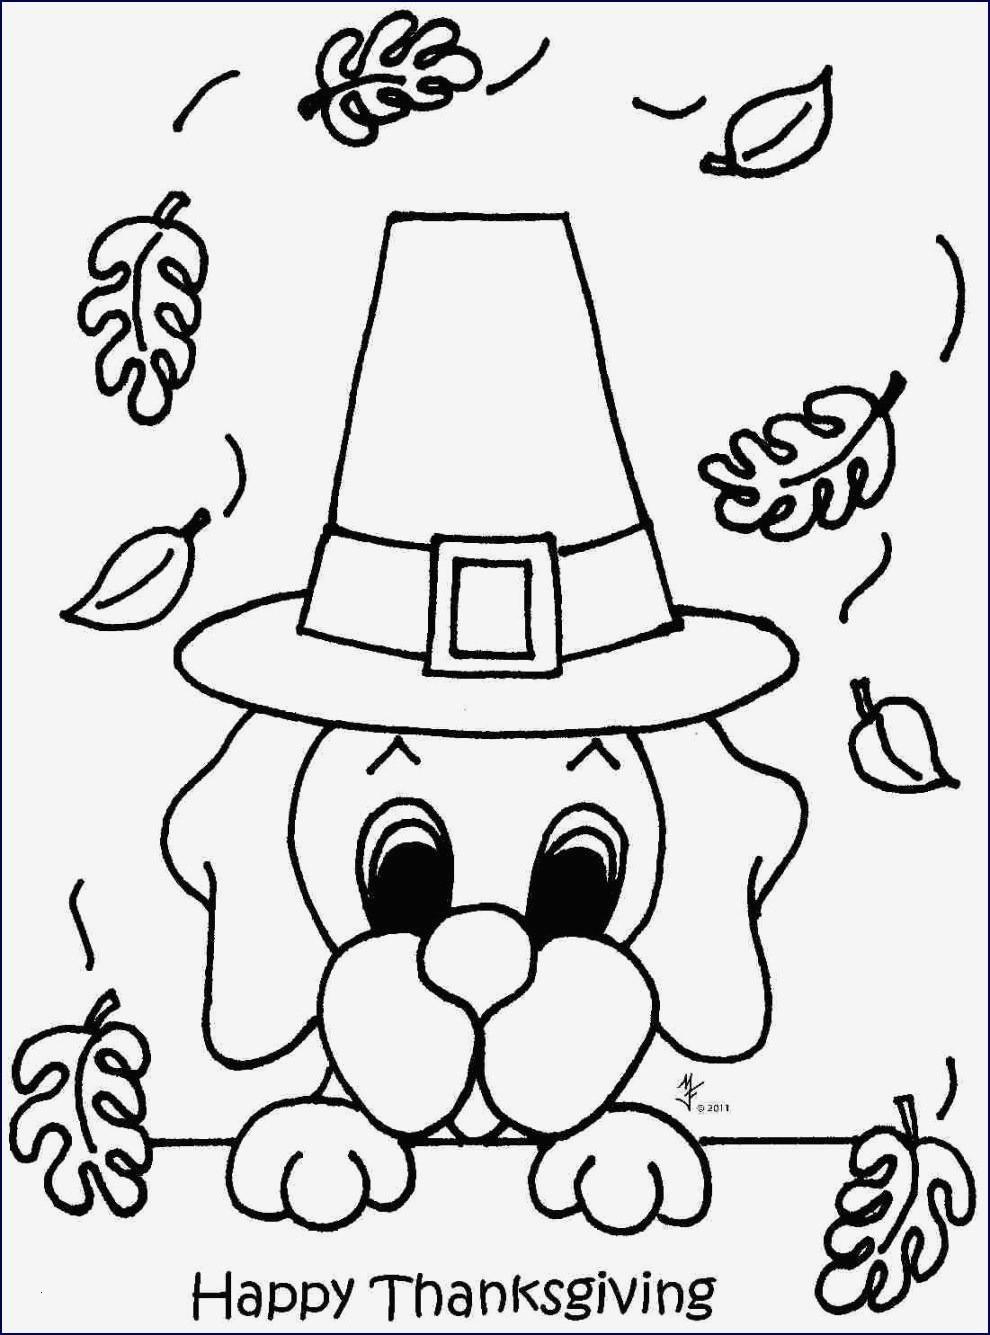 Ausmalbild Robin Hood Das Beste Von Ausmalbilder Robin Hood Schön 43 Ausmalbilder Suse Hunde Neu Bilder